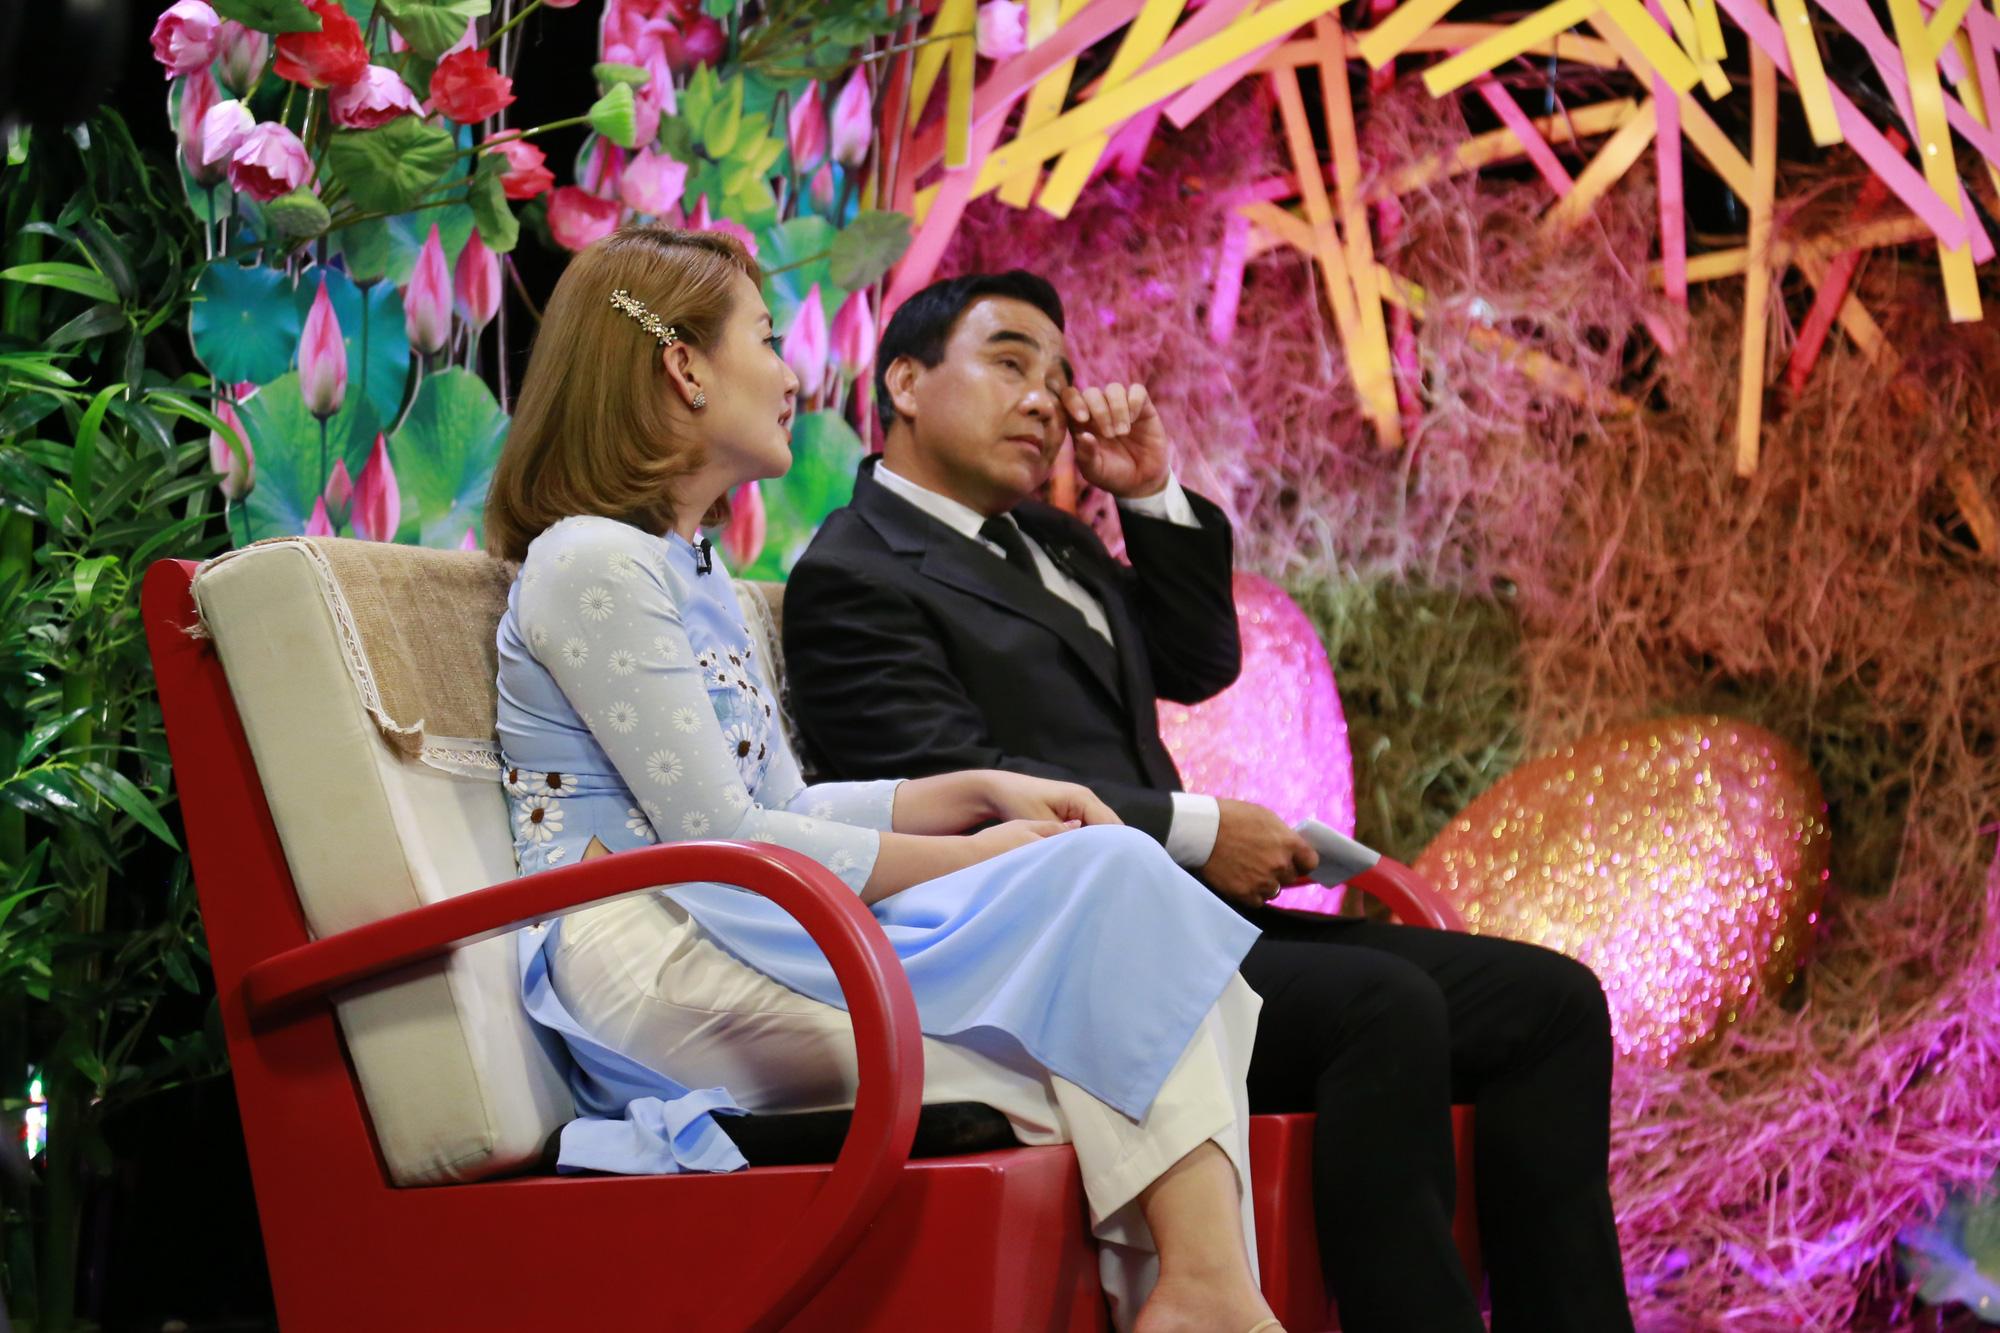 Quyền Linh, Ngọc Lan xúc động khi dẫn chương trình chuyện tình của các cụ ông, cụ bà - Ảnh 1.